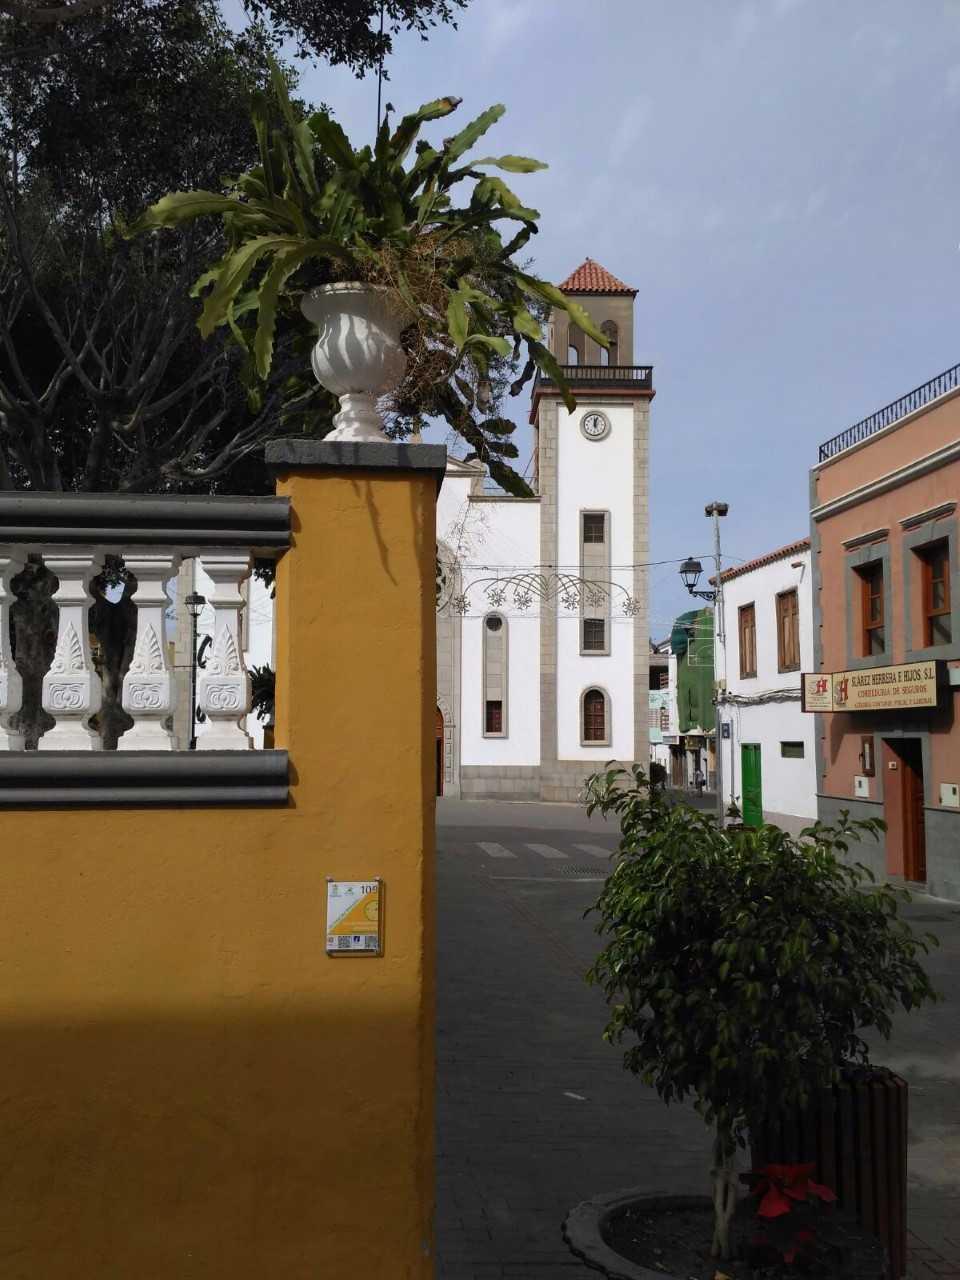 Circuito San Nicolas : La aldea de san nicolás inaugura este sábado su primer